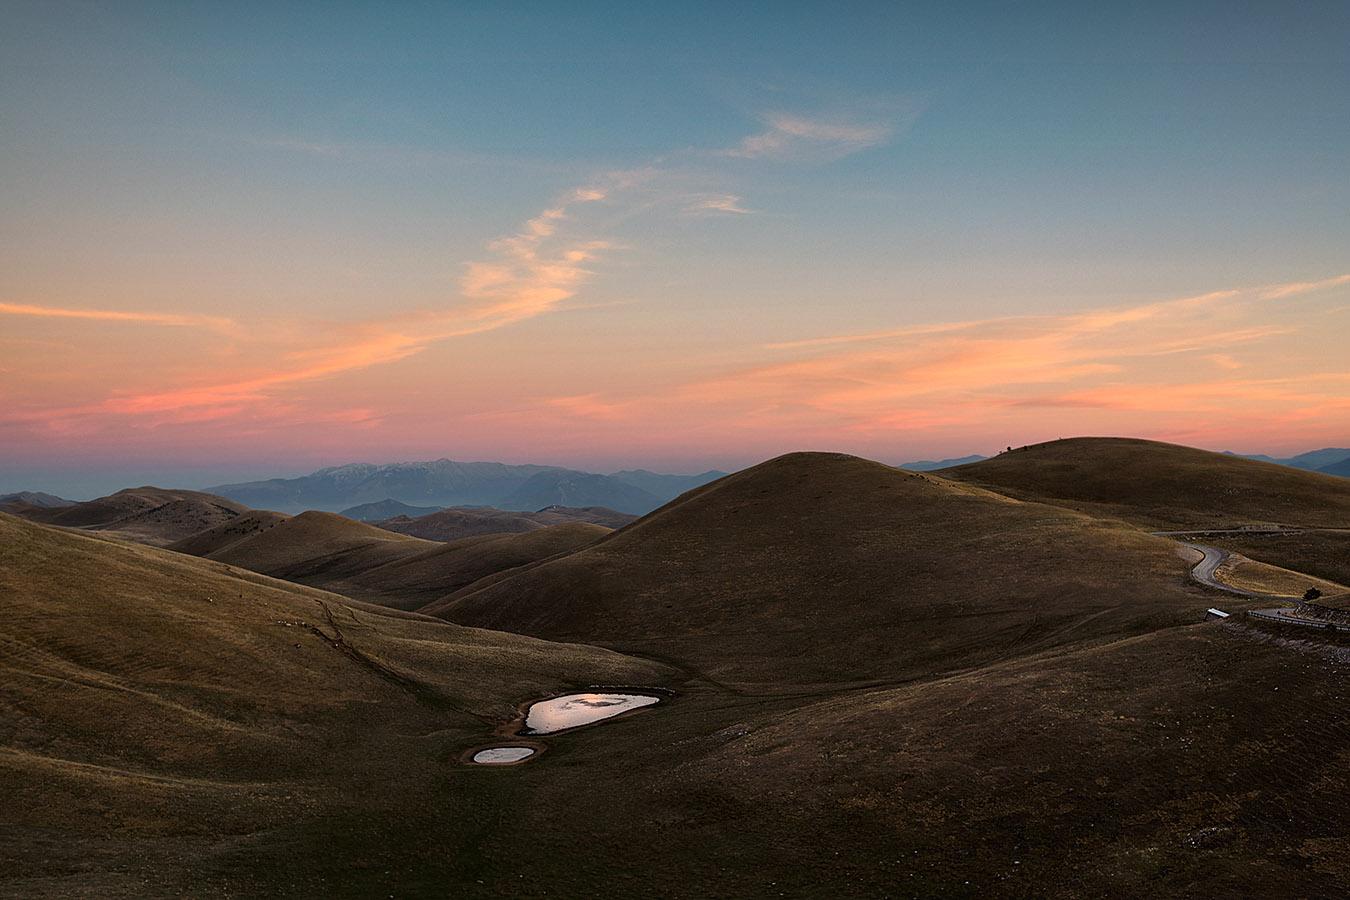 Andrea Rizzi Campo Imperatore Landscape